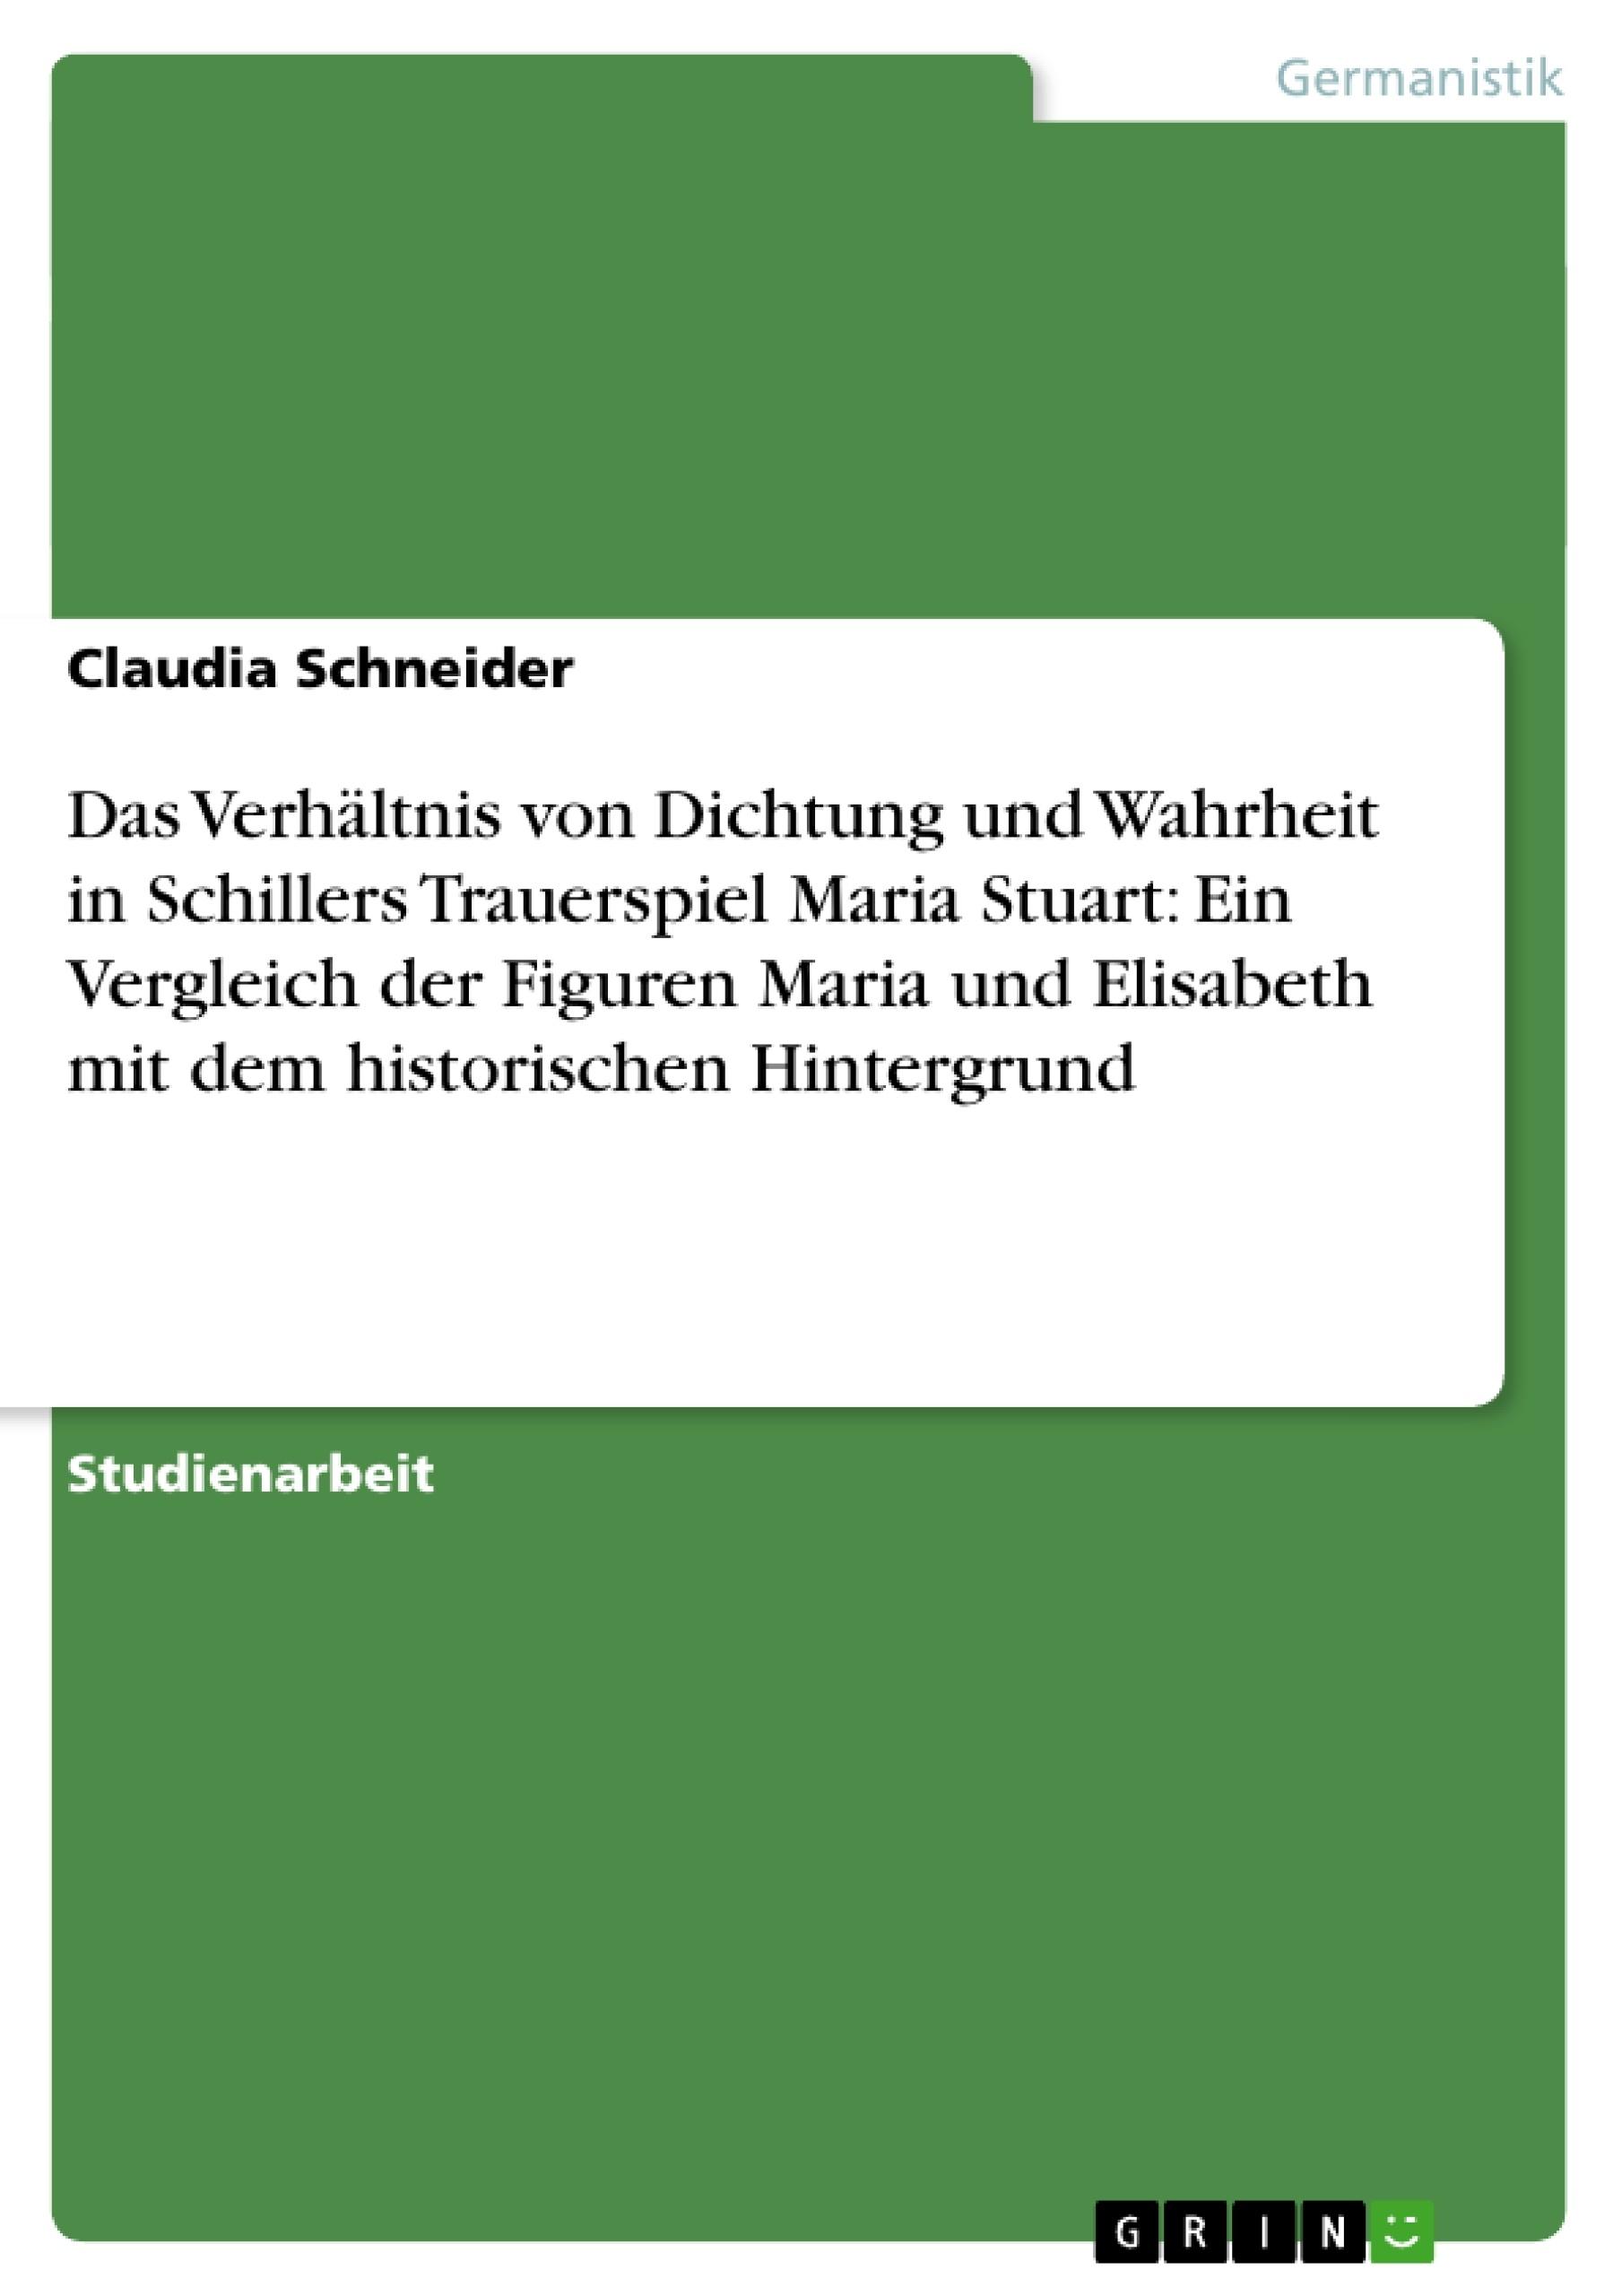 Titel: Das Verhältnis von Dichtung und Wahrheit in Schillers Trauerspiel  Maria Stuart: Ein Vergleich der Figuren Maria und Elisabeth mit dem historischen Hintergrund